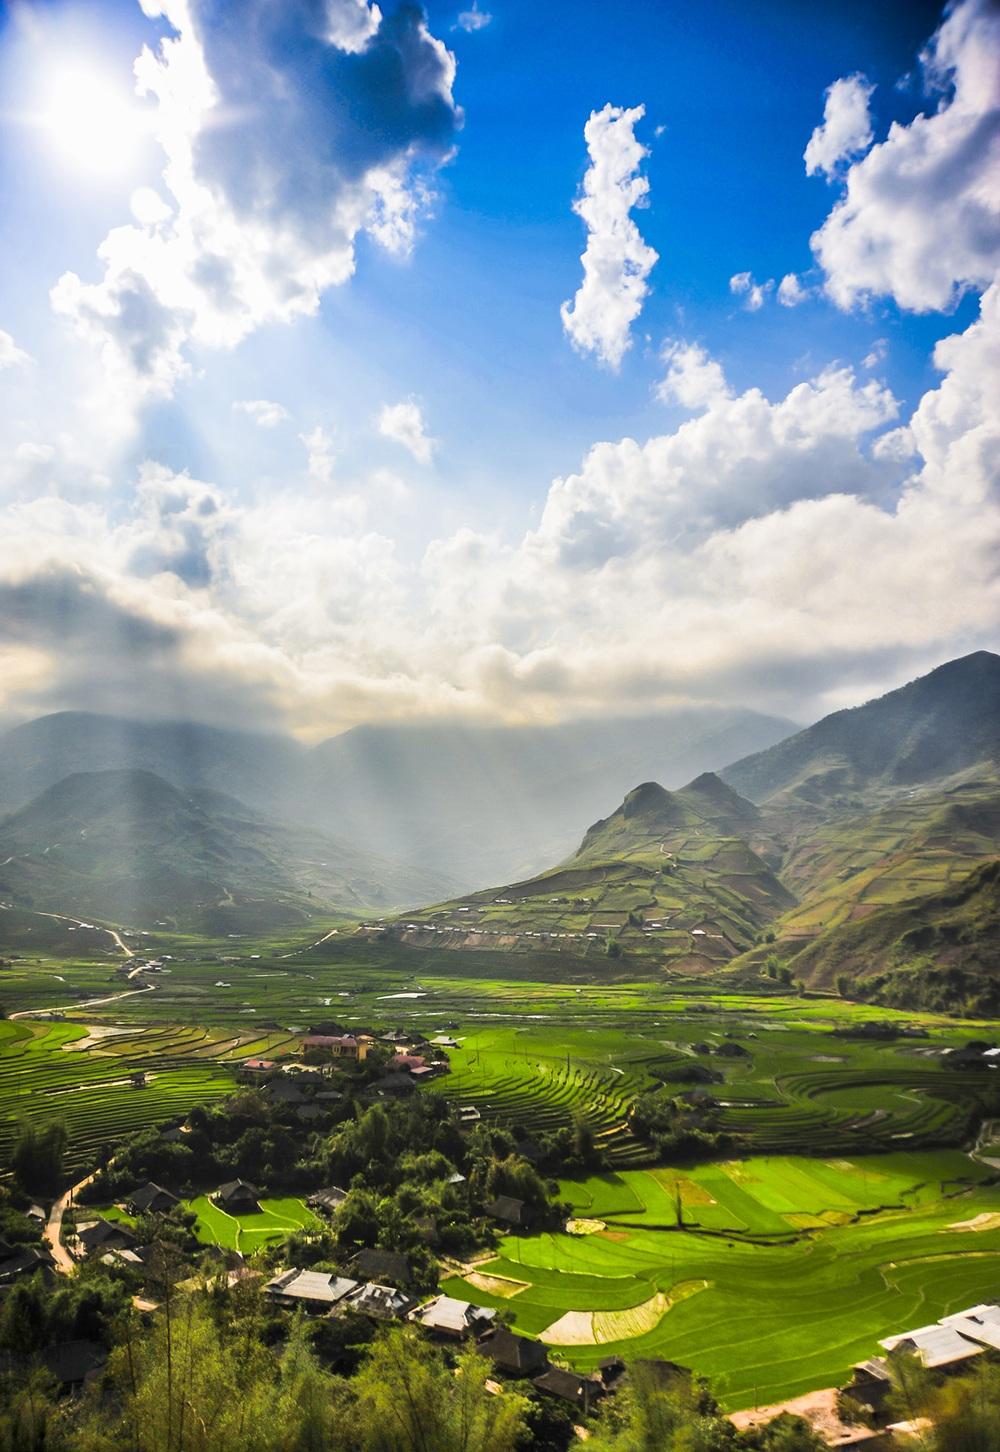 Cảnh đẹp dưới chân đèo Khau Phạ huyện Mù Cang Chải, tỉnh Yên Bái.